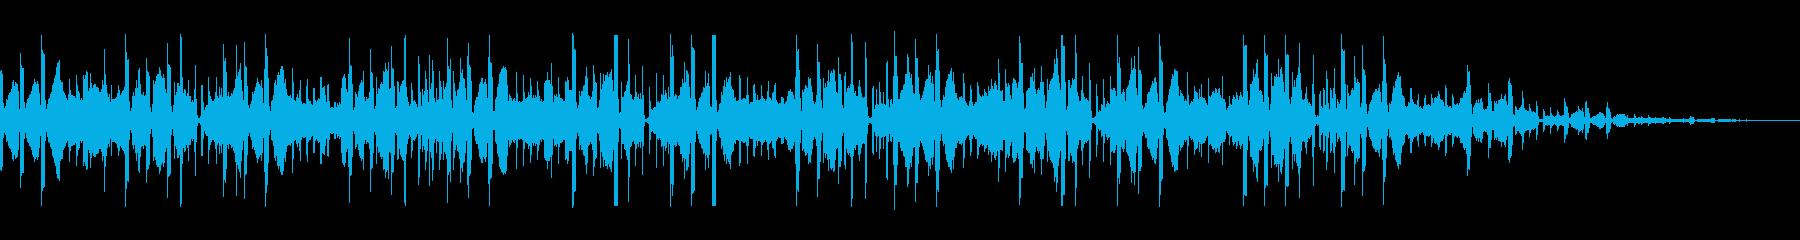 場面転換に最適なインスト曲の再生済みの波形